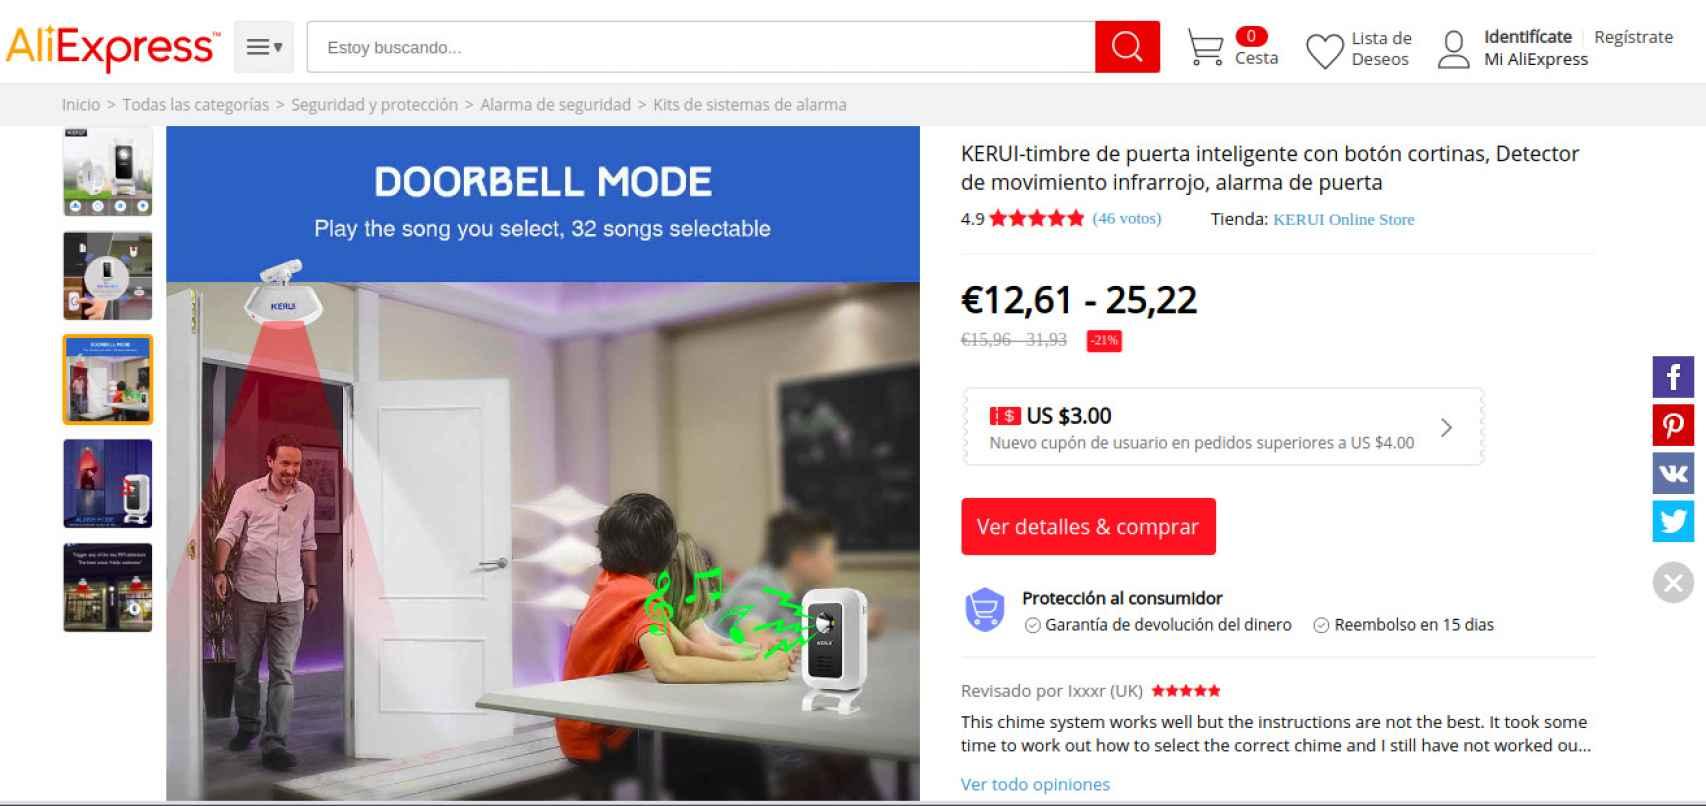 Captura del producto en la web de ventas.